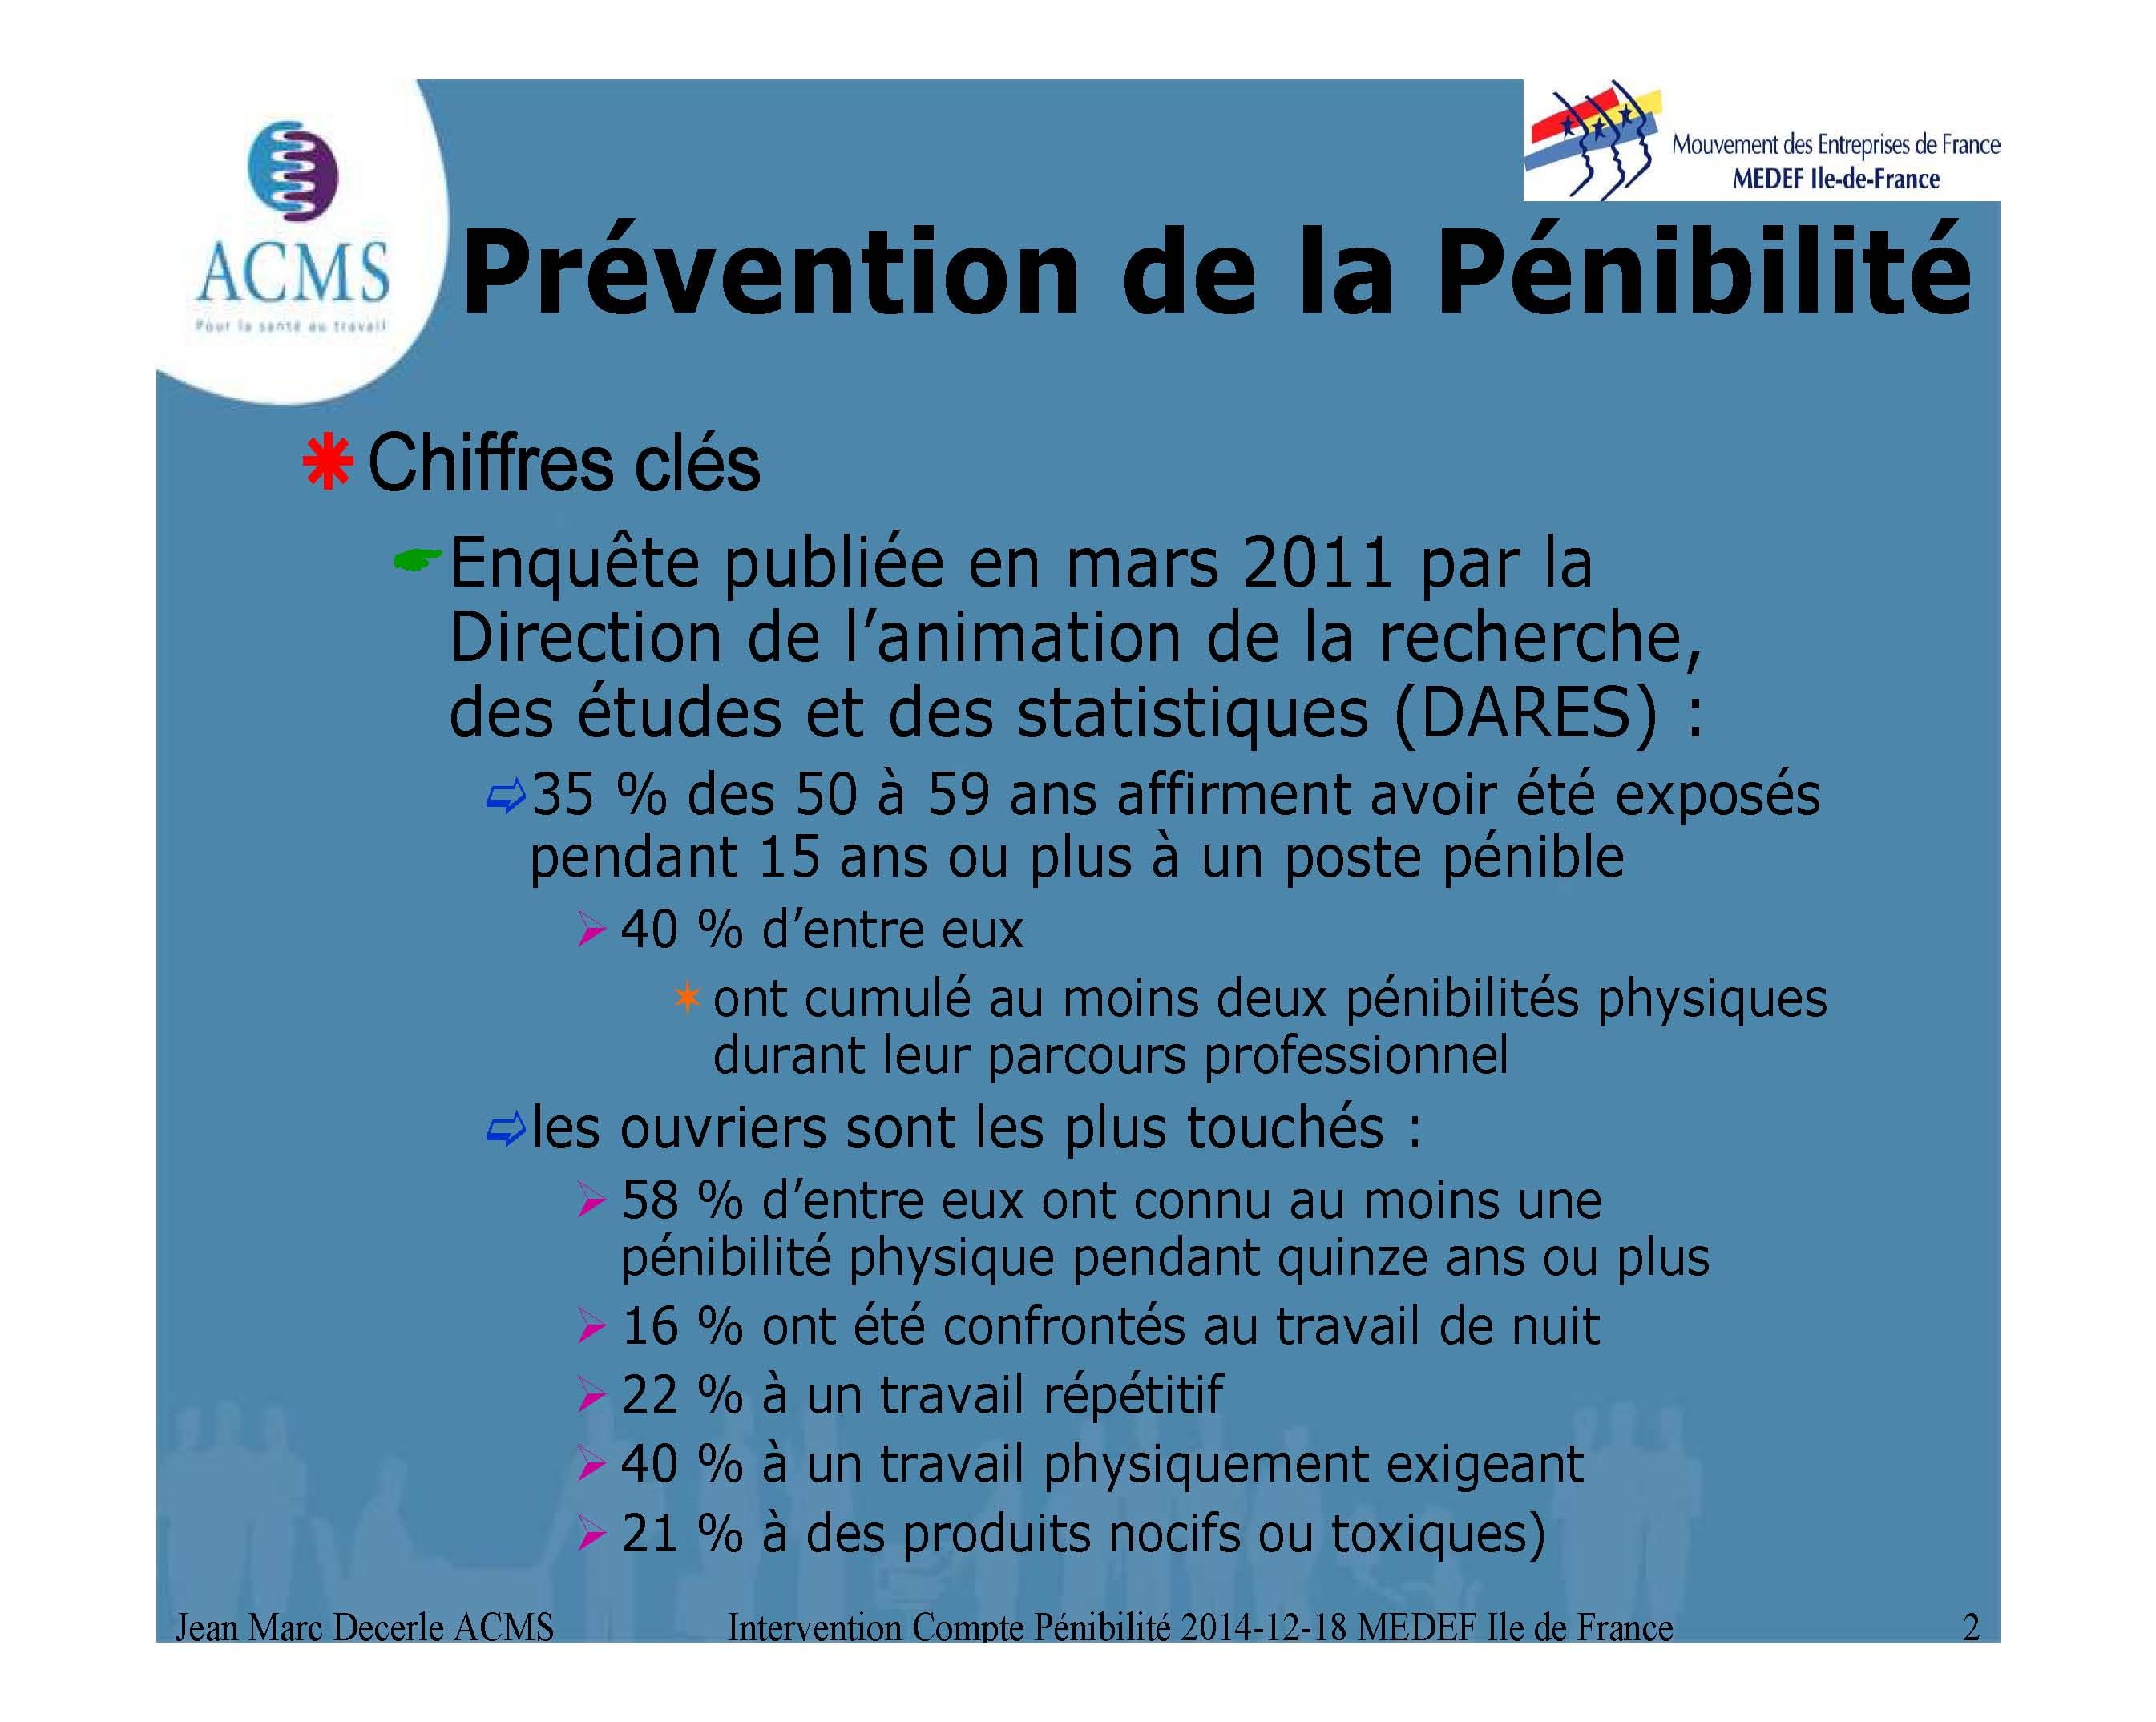 2014-12-18 Compte Pénibilite MEDEF Ile de France_Page_02